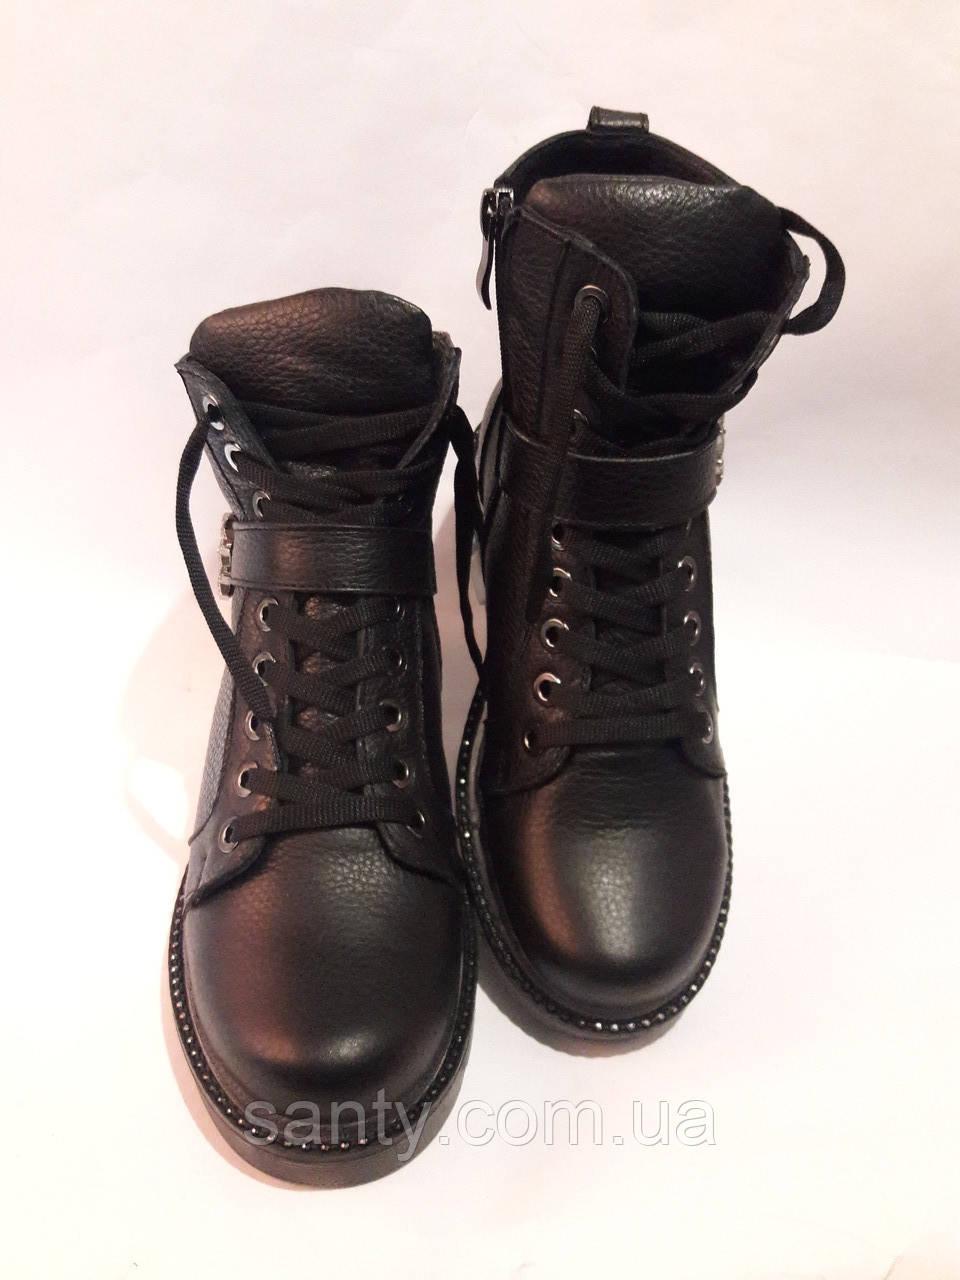 Зимние ботиночки из натуральной кожи., фото 1